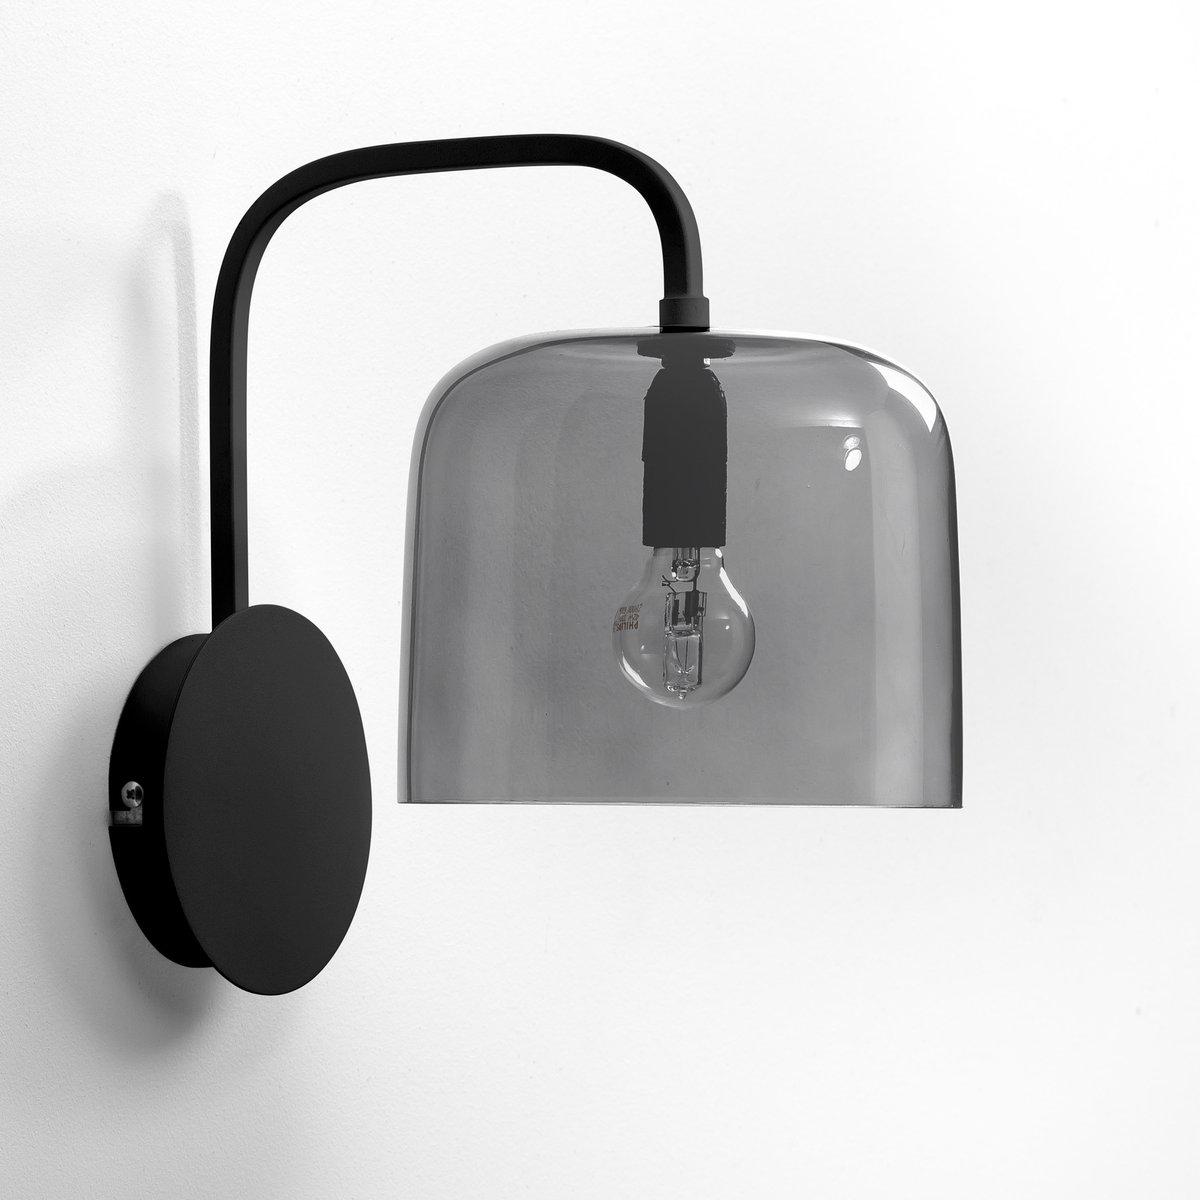 Бра Zella, дизайн Э. ГаллиныРазмеры :  В. 28 см x Г. 20 x Д. 18 см.- Этот светильник совместим с лампочками    энергетического класса   A .<br><br>Цвет: дымчато-серый